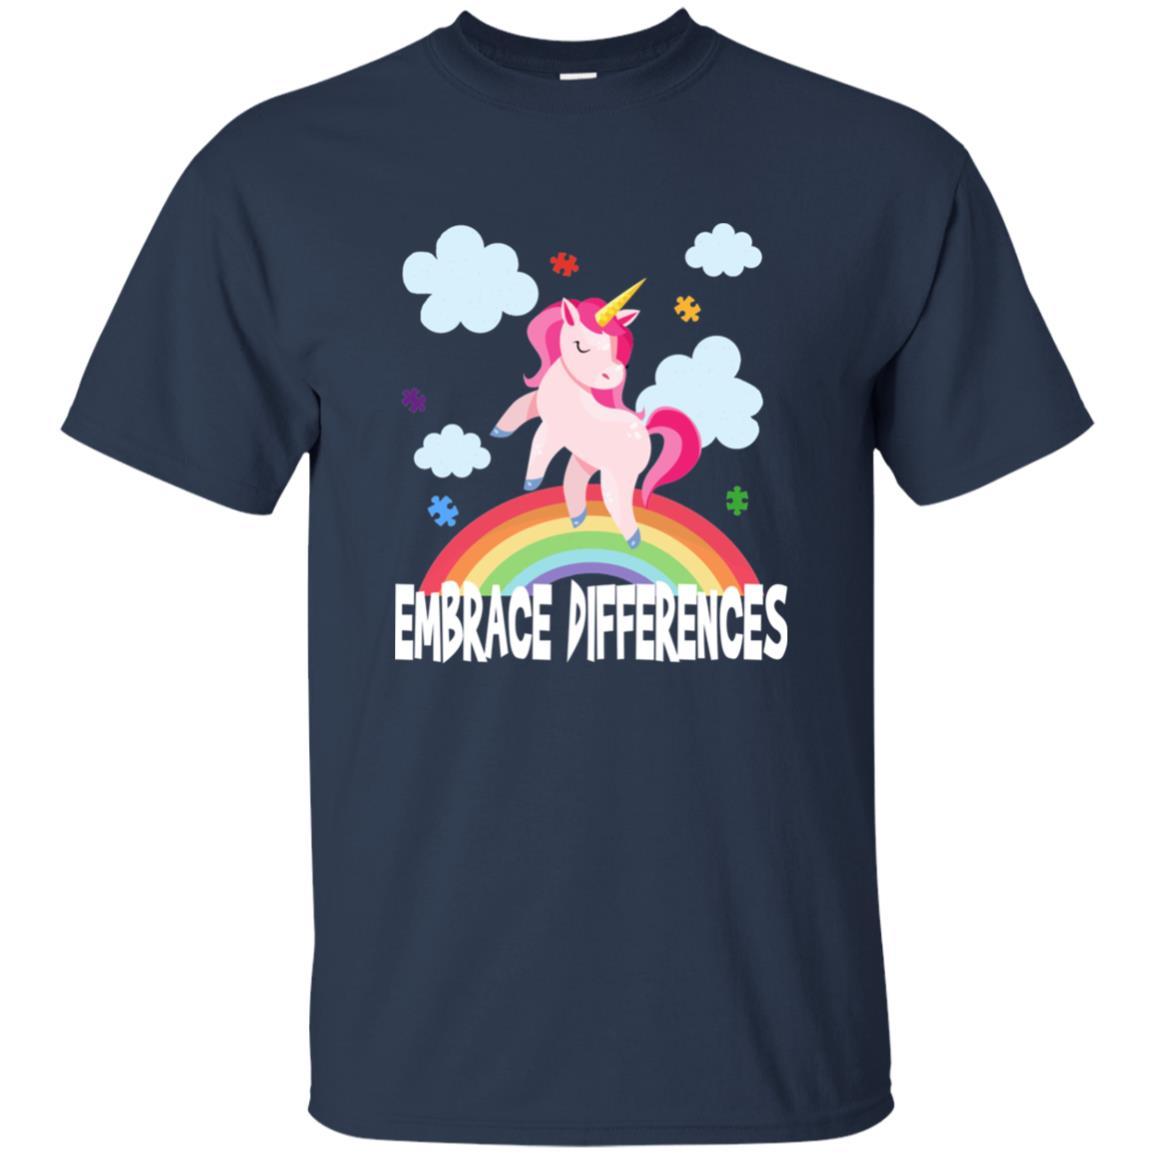 Embrace Differences Unicorn Autism Awareness Unisex Short Sleeve